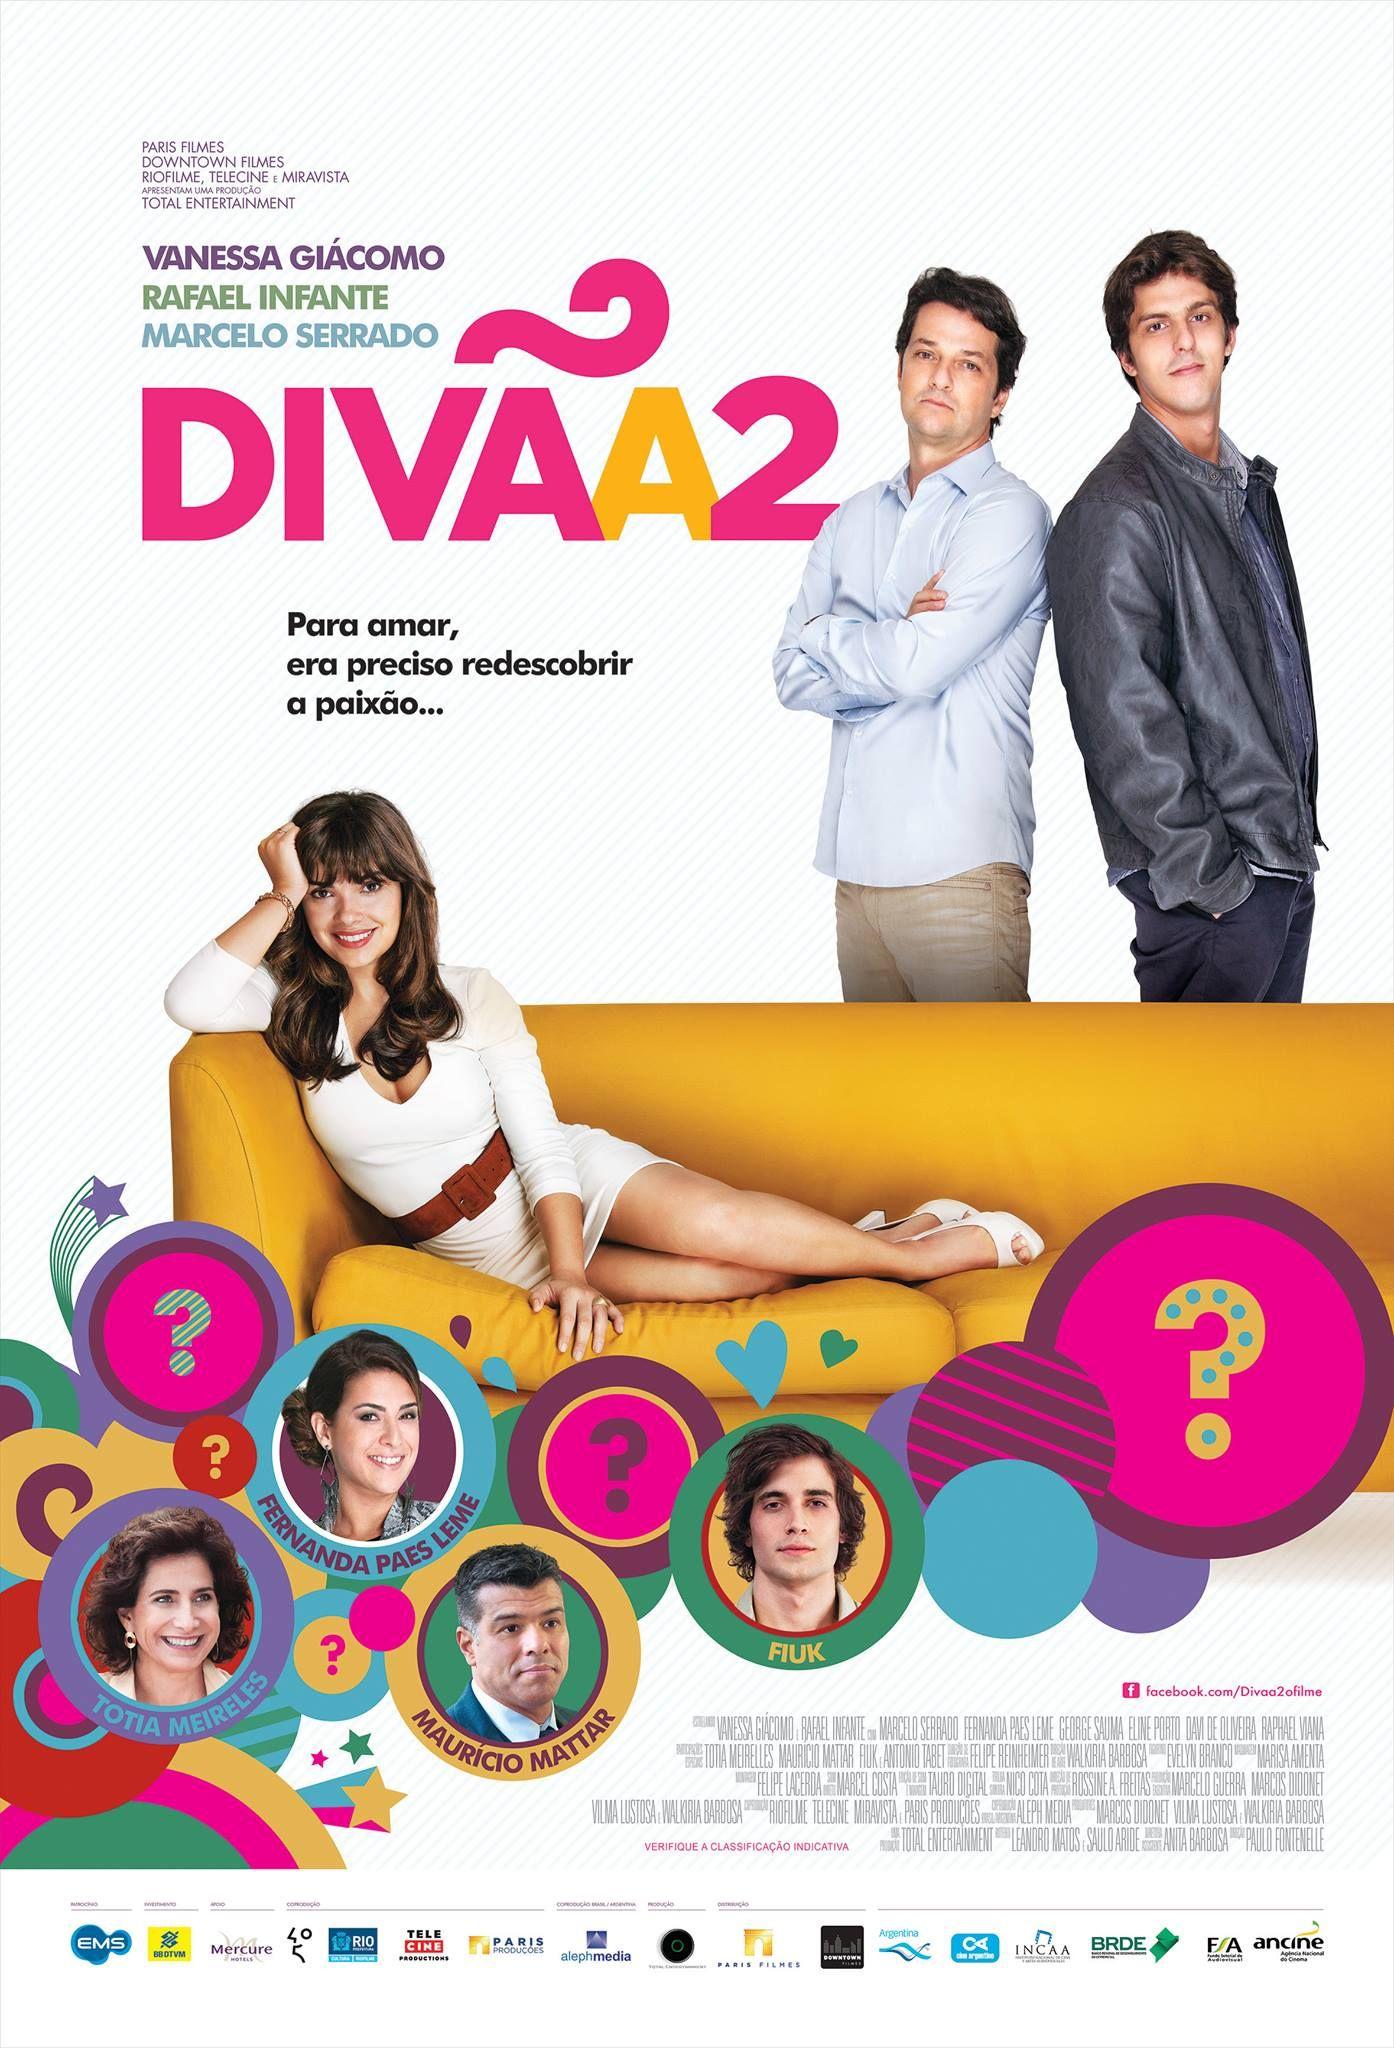 Diva A 2 Estreia Em 16 De Abril Trailer Http Youtu Be